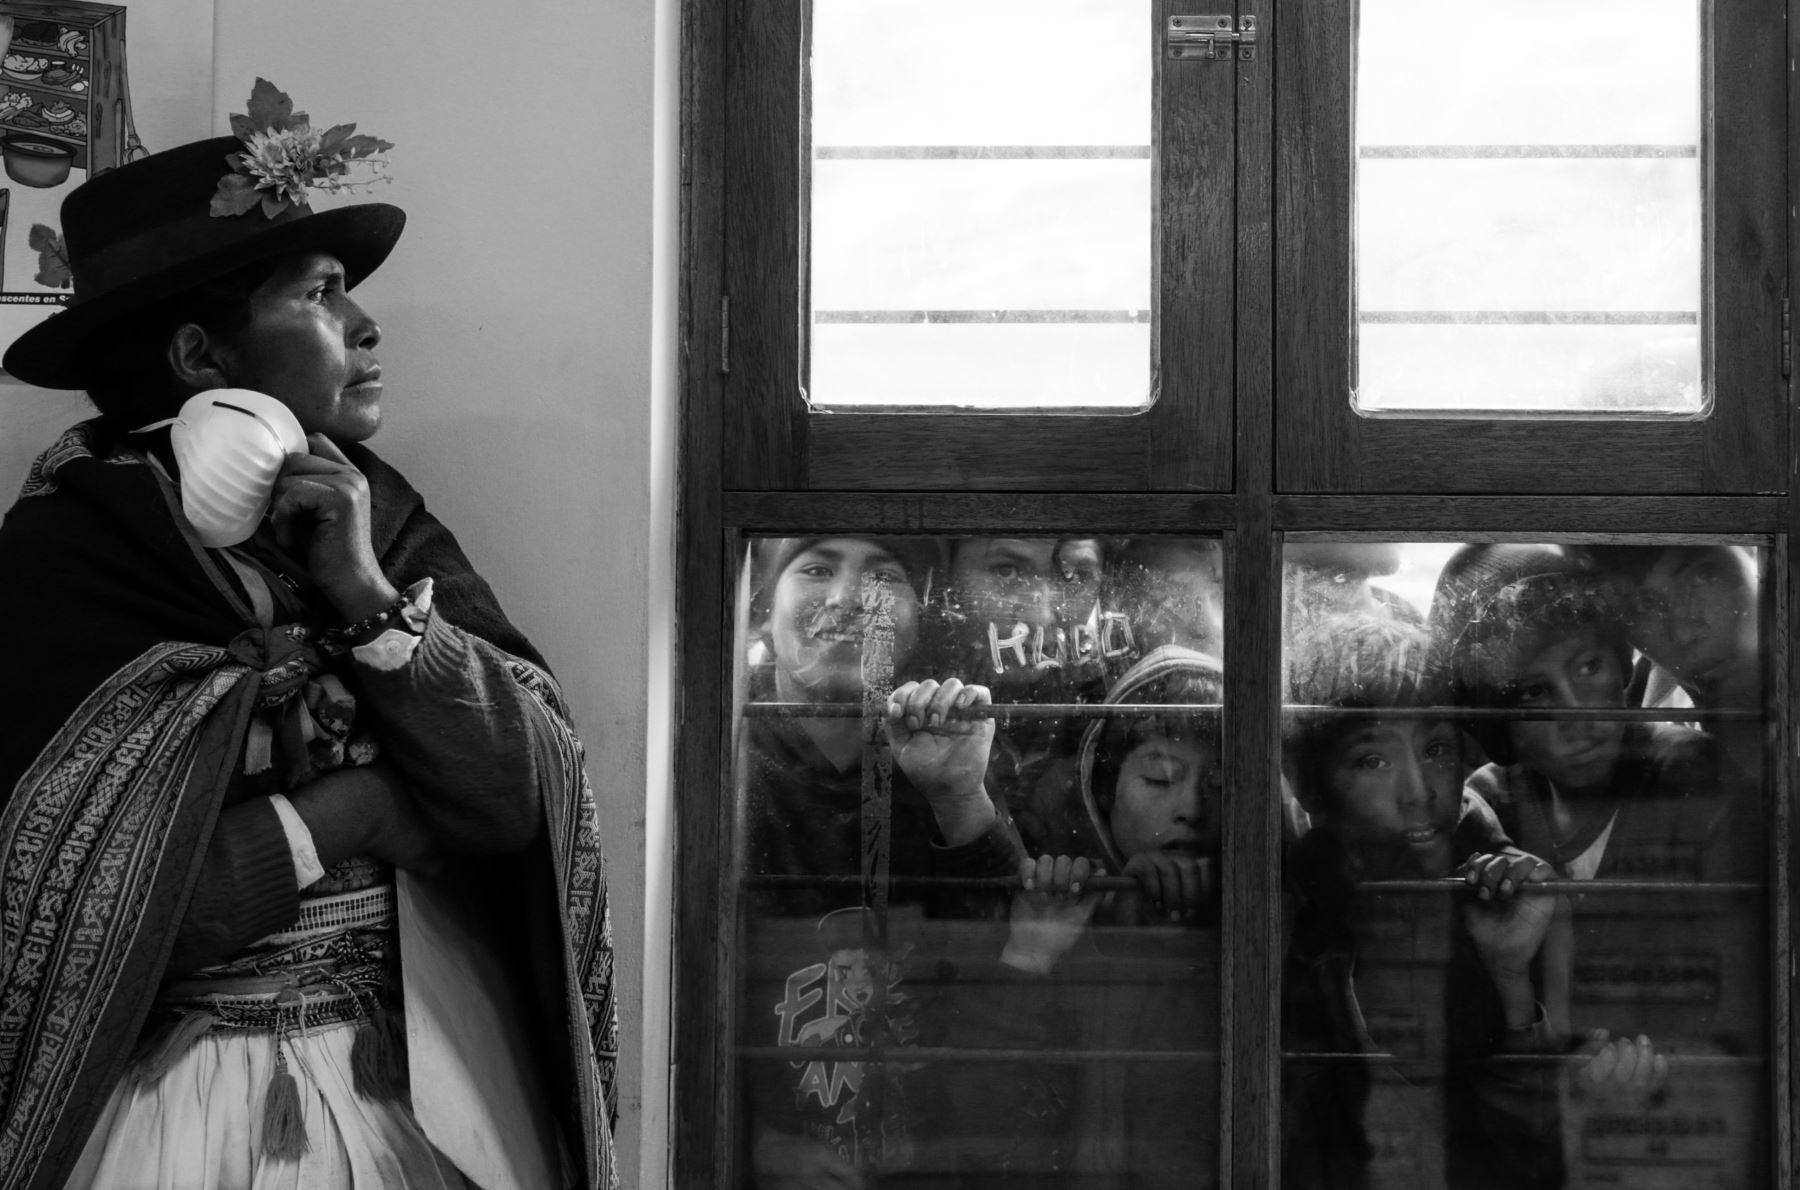 Una pobladora de Llaccua (Ayacucho) espera en el frío pasillo de la posta medica la entrega de los restos de su familiar. A través de la ventana, la curiosidad de los niños se asoma. Foto: ANDINA/Jack Ramón